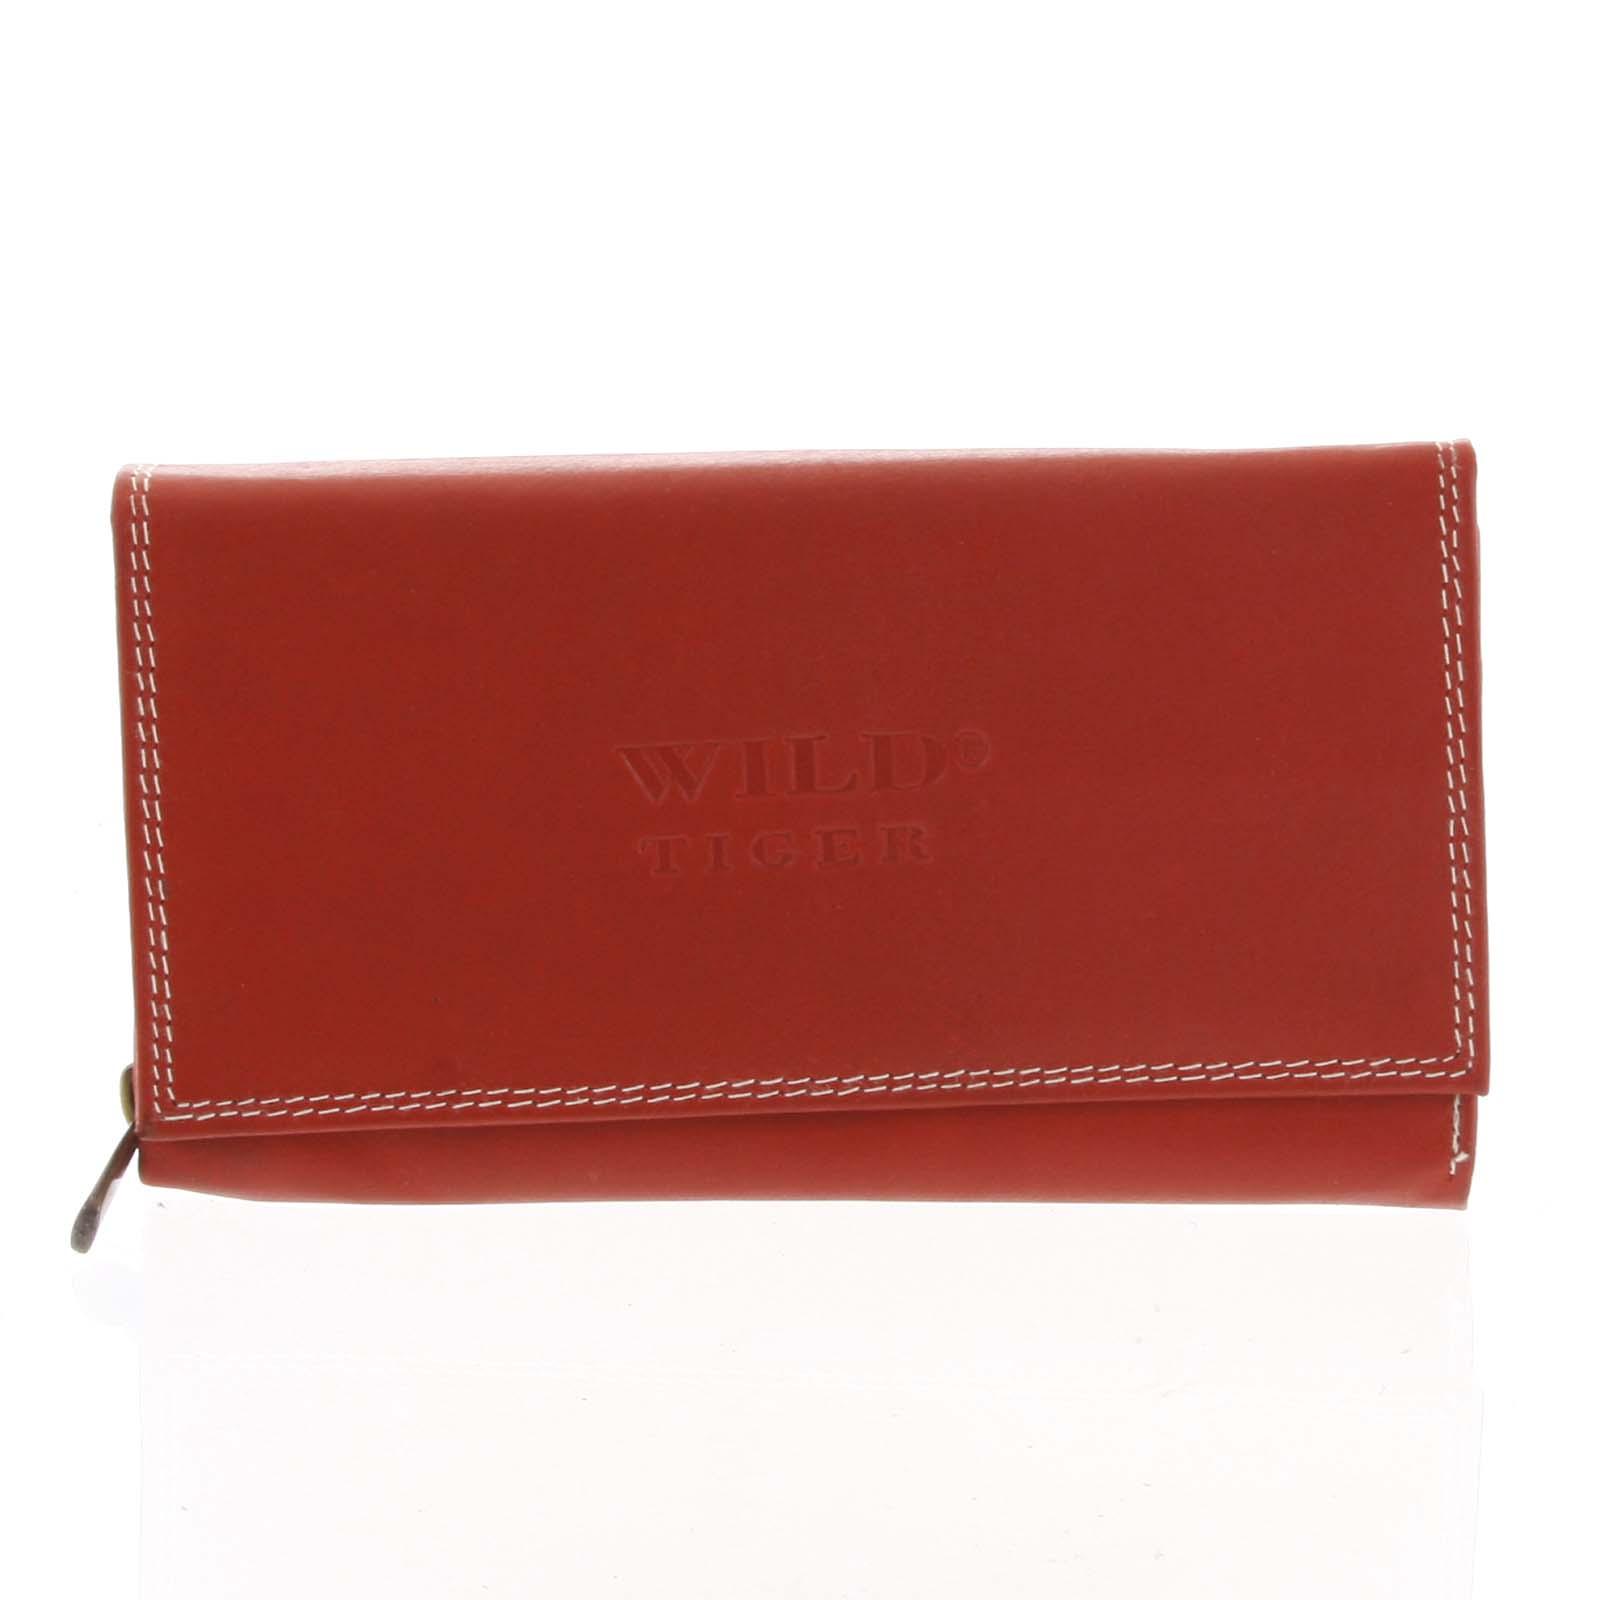 Dámska kožená peňaženka červená - WILD Haemon New červená